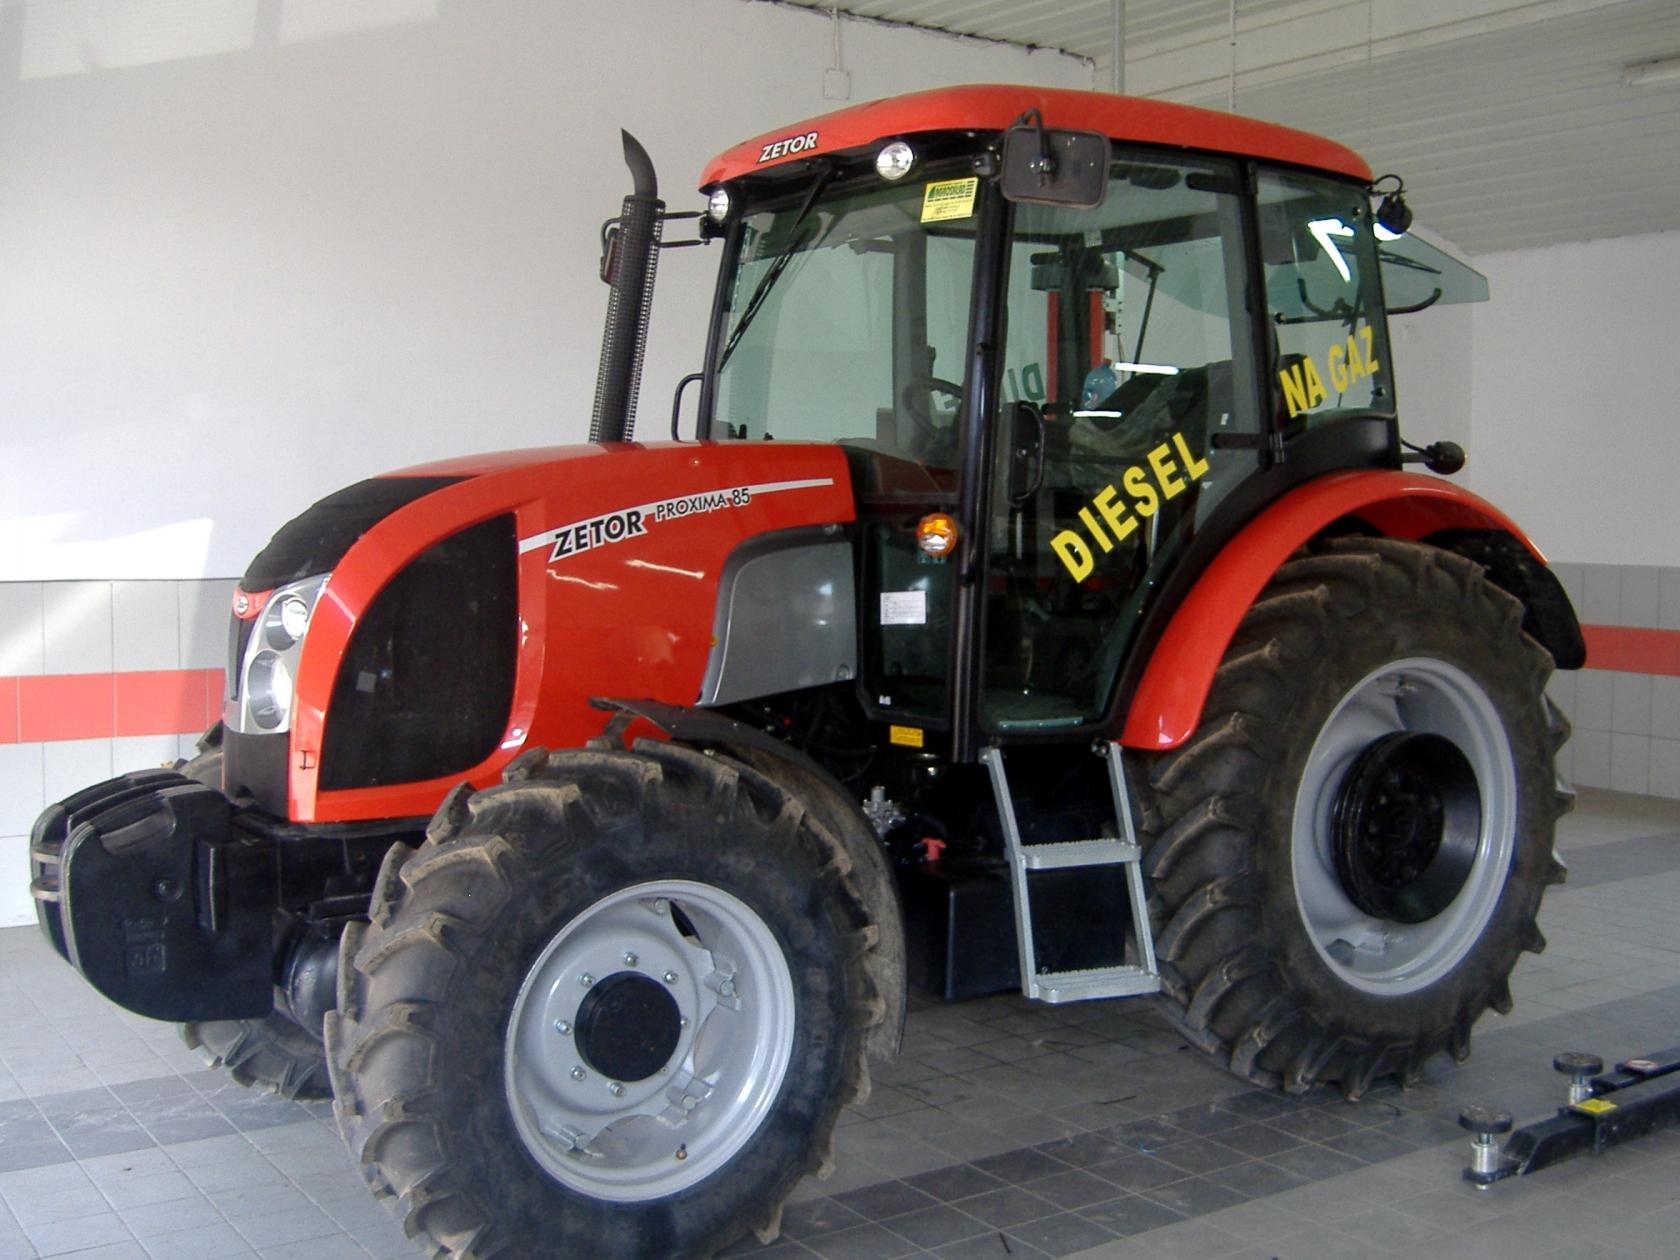 diesel-gas farm tractor | gazeo.com